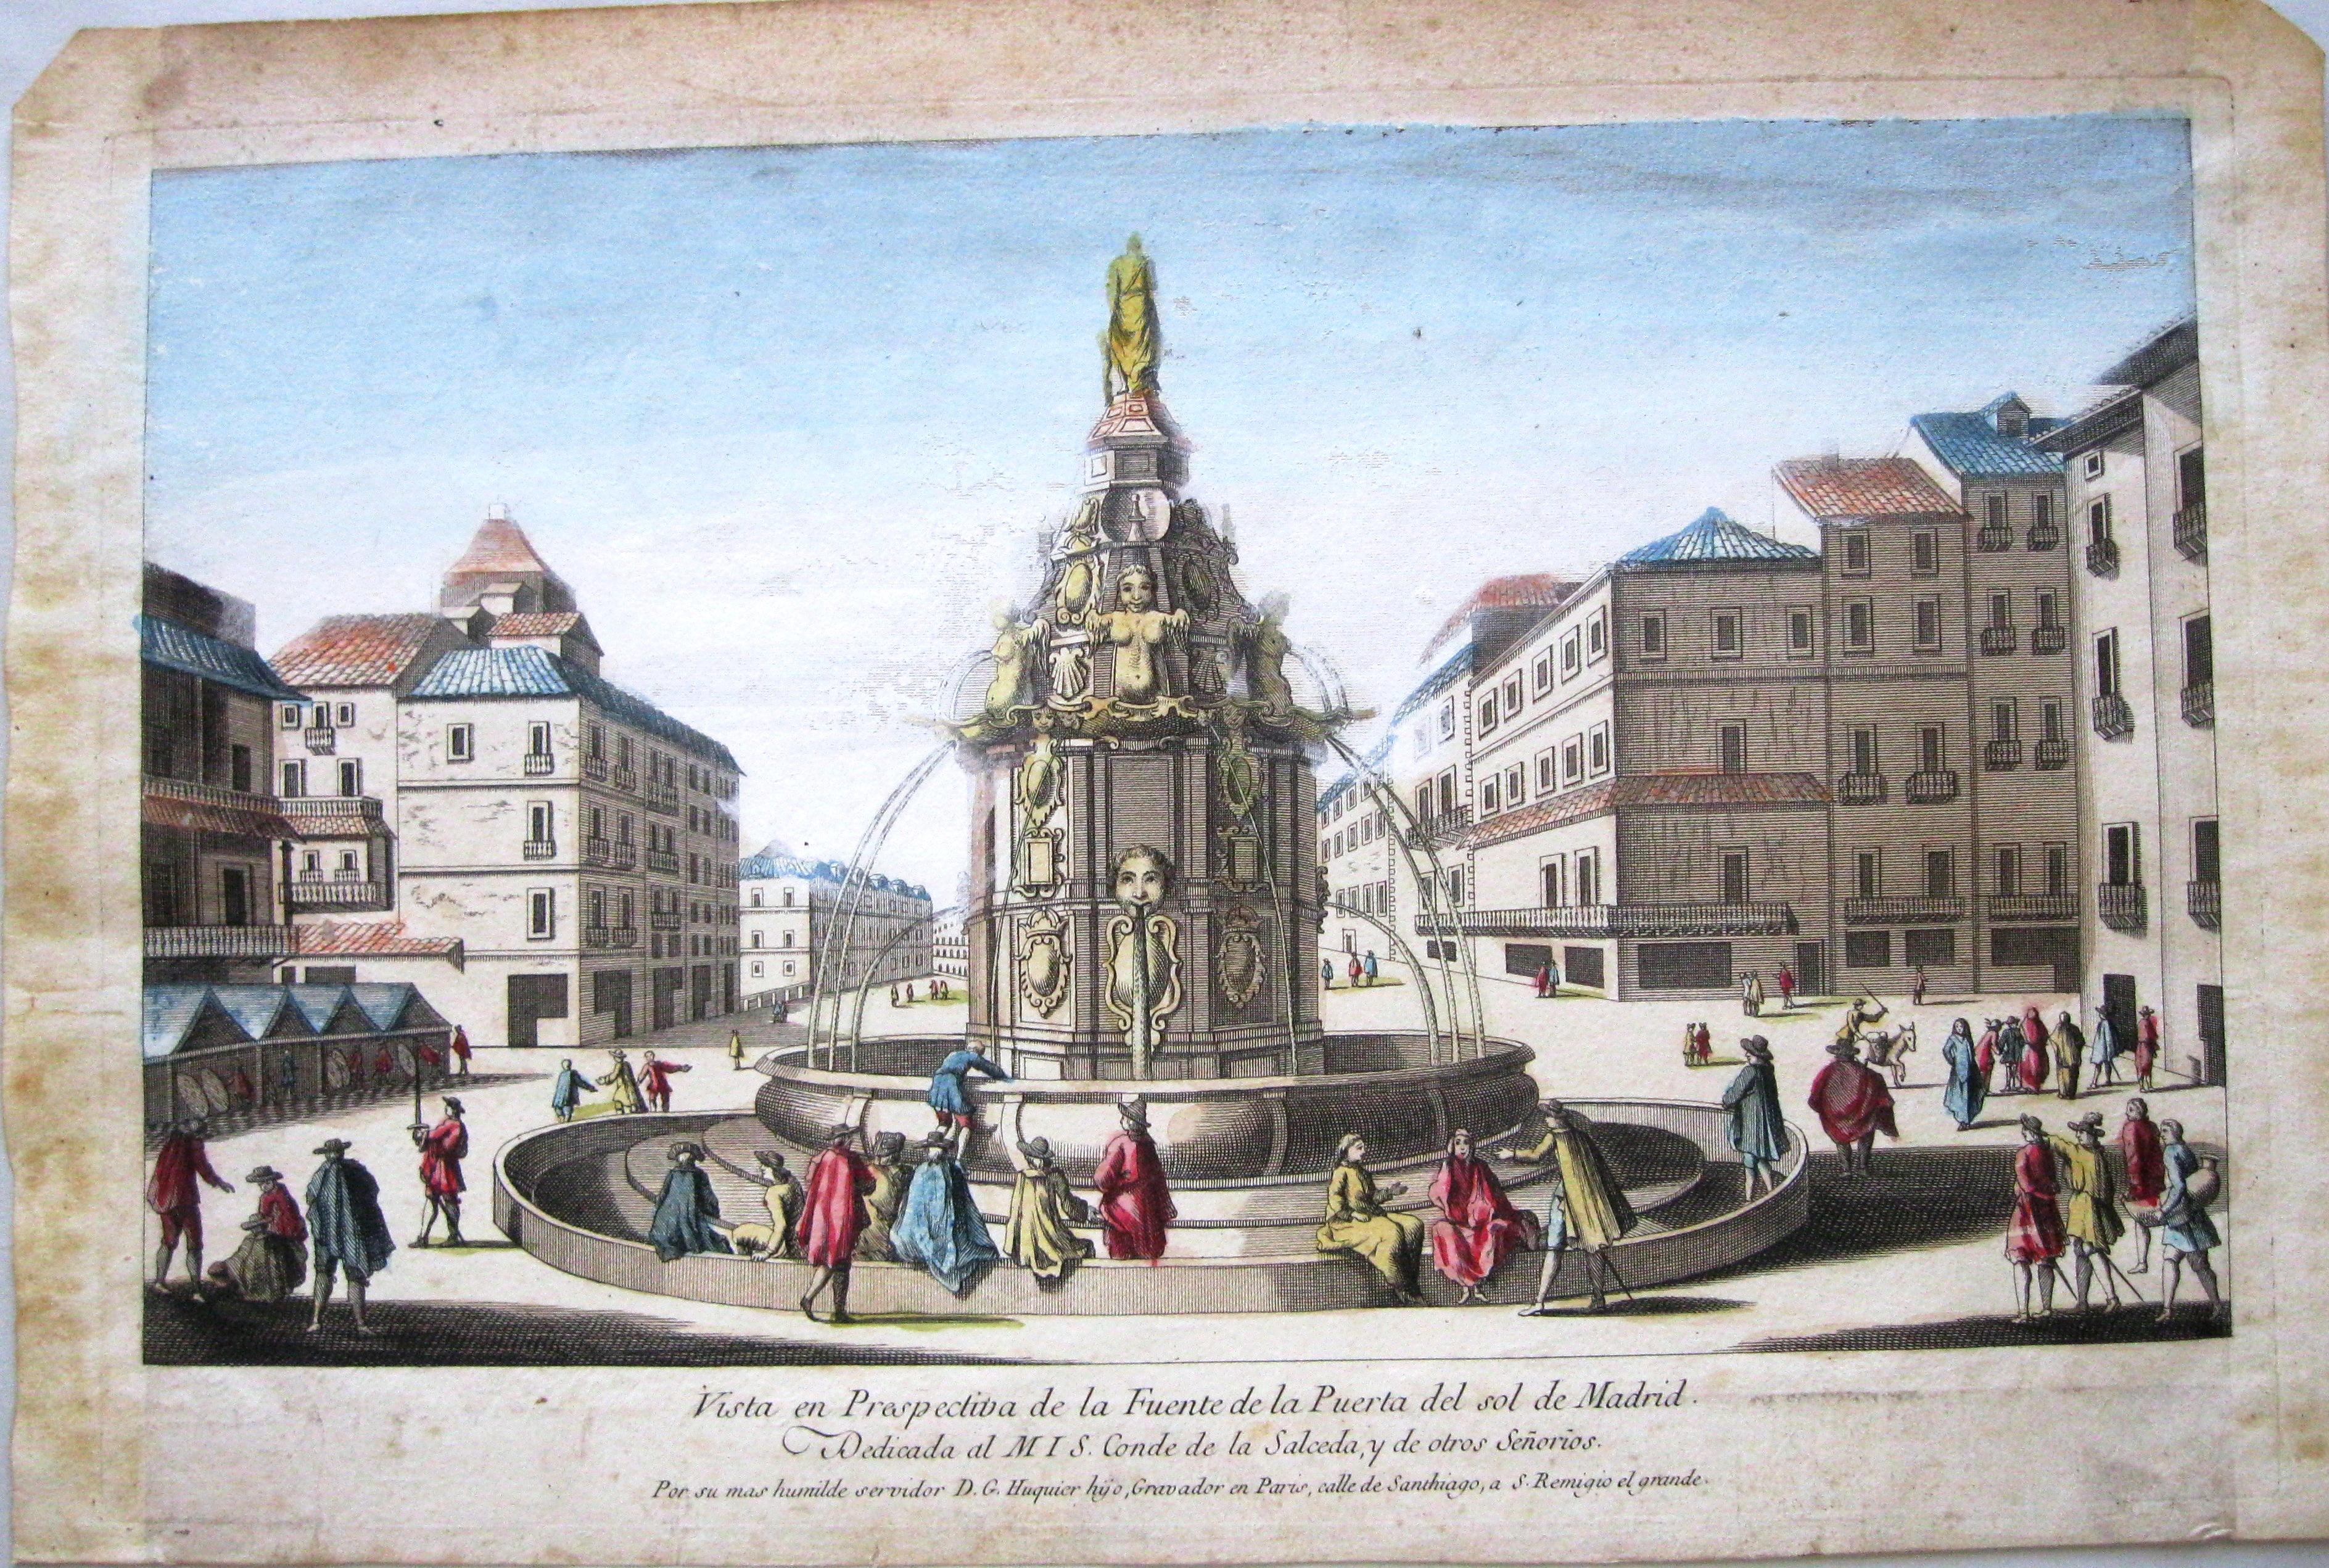 Arqueovigo venta on line de mapas grabados y libros for Puerta jakober augsburgo